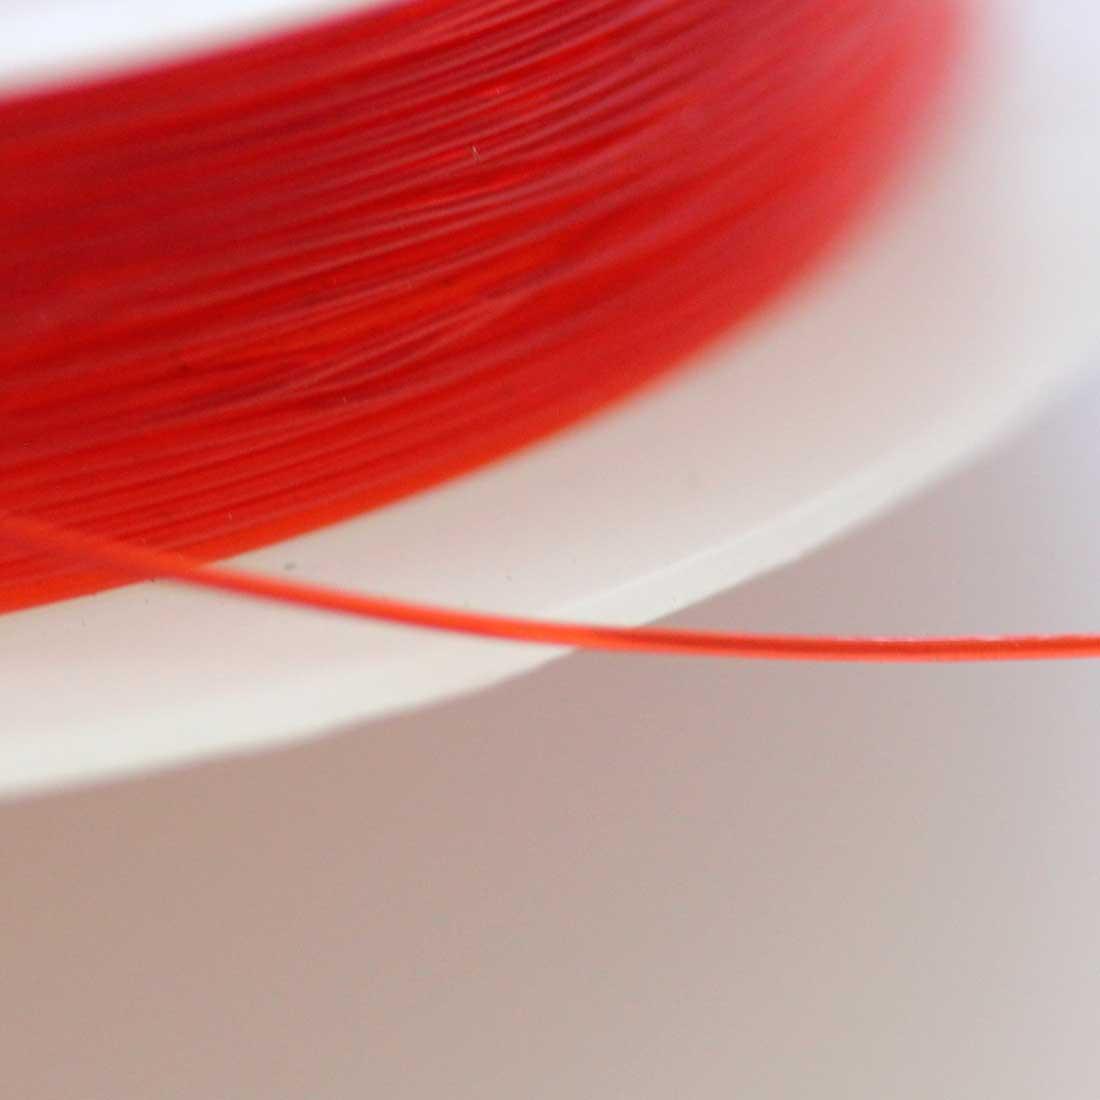 ブレスレット用 オペロンゴム 【0.5mm/12M】【レッド】sgy-1203h【メール便可】(ブレスレット用ゴム ゴム紐 ゴムひも テグス パワーストーン 天然石 ブレスレット 水晶の線 赤色 赤)